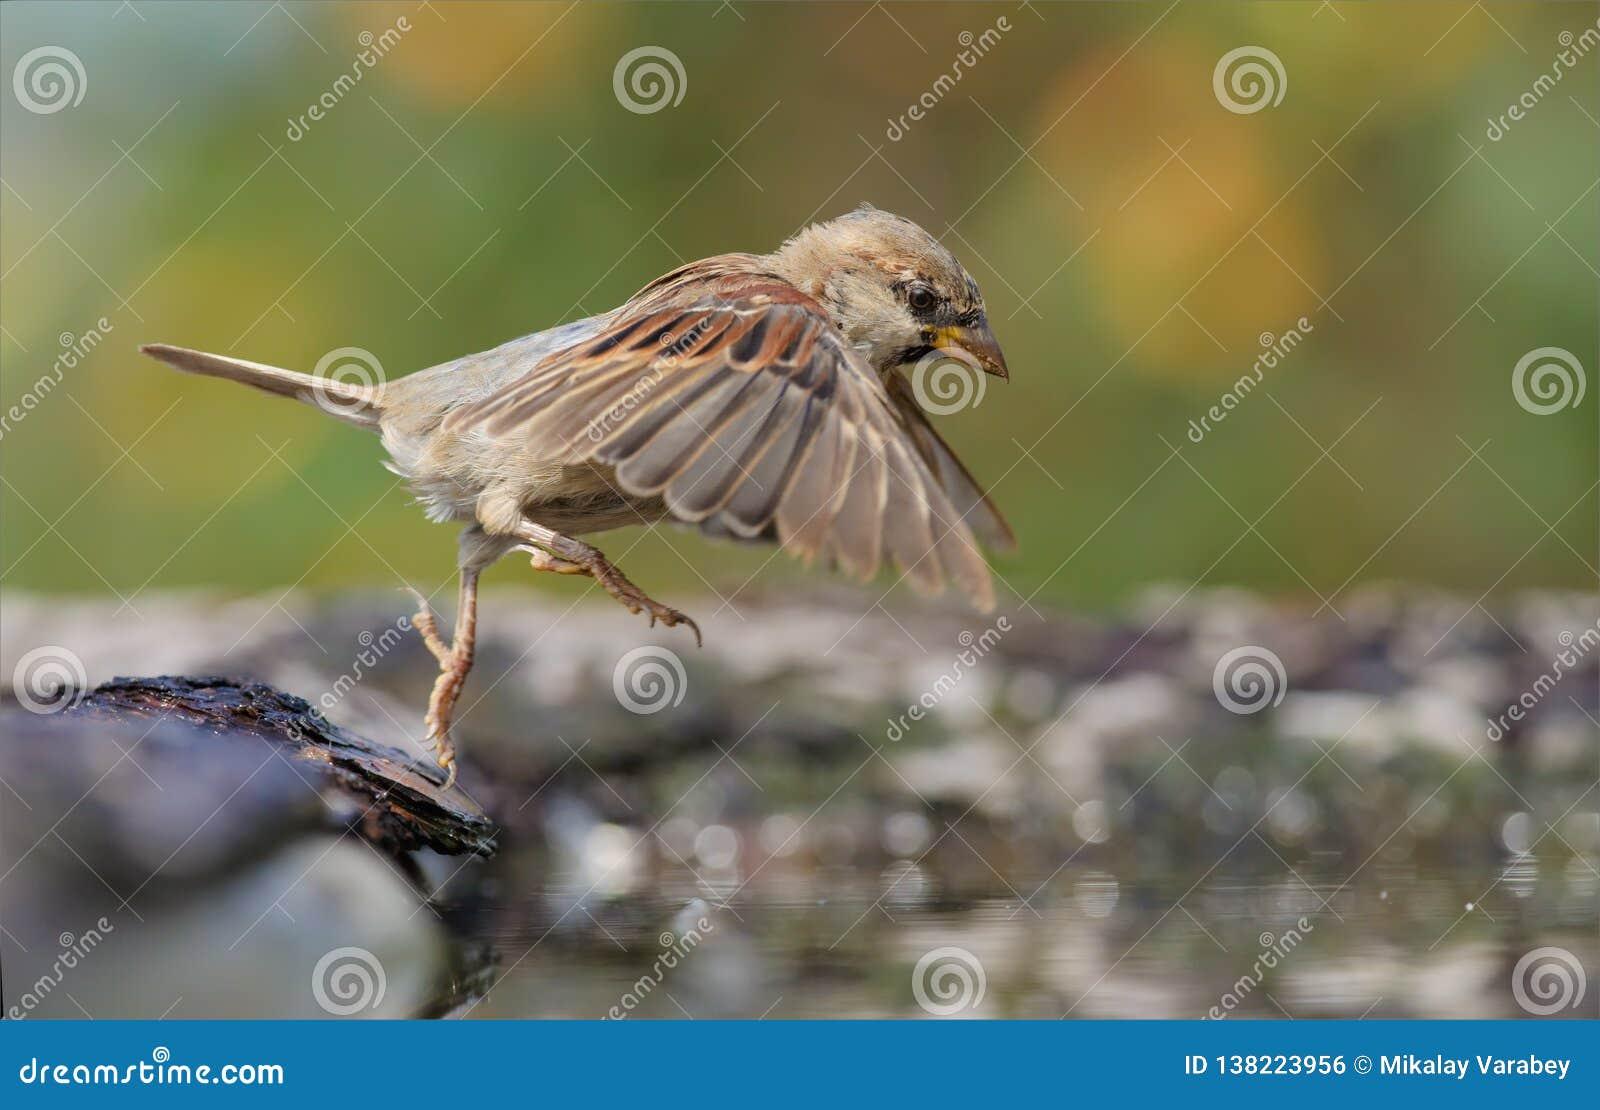 Gråsparv som hoppar in i vattendammet med sträckta vingar och ben